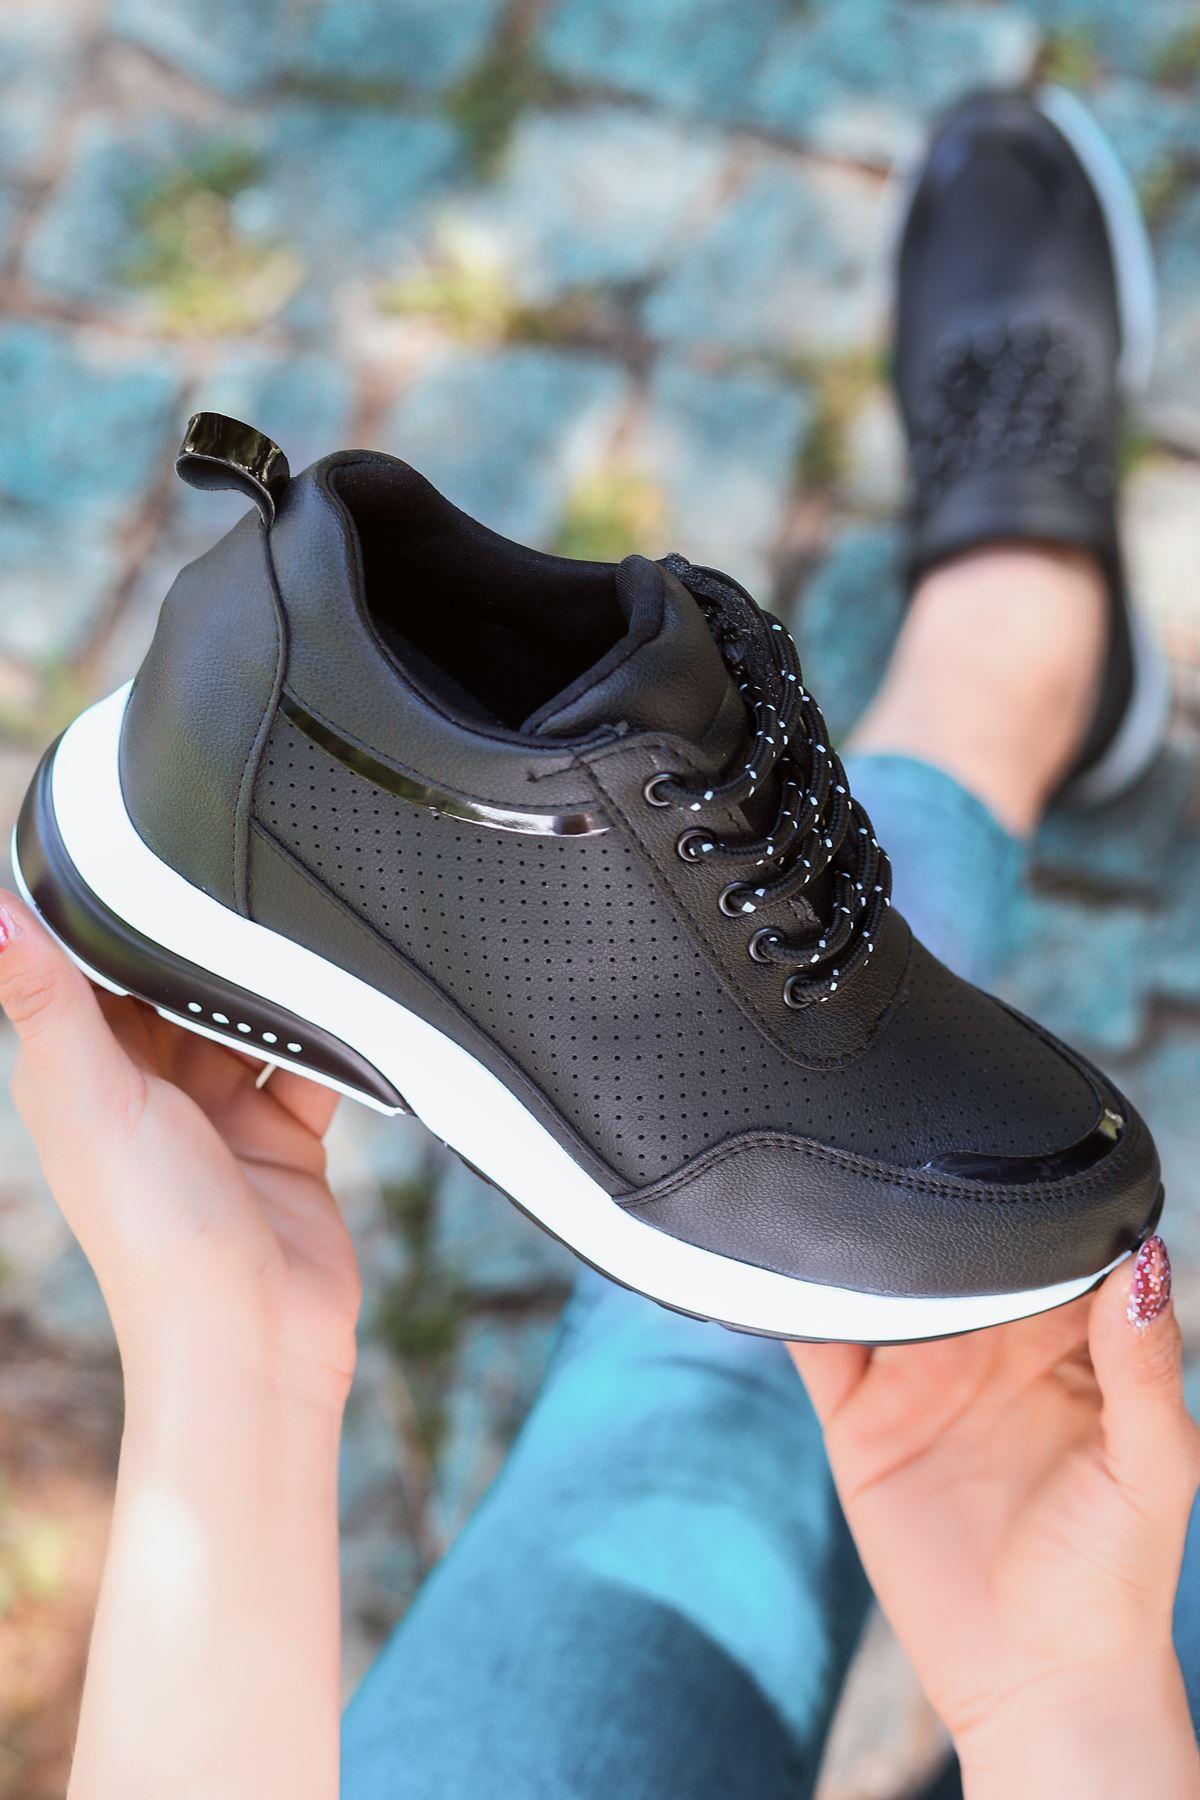 For514 Delikli Siyah Bağcık Detaylı Kadın Spor Ayakkabı